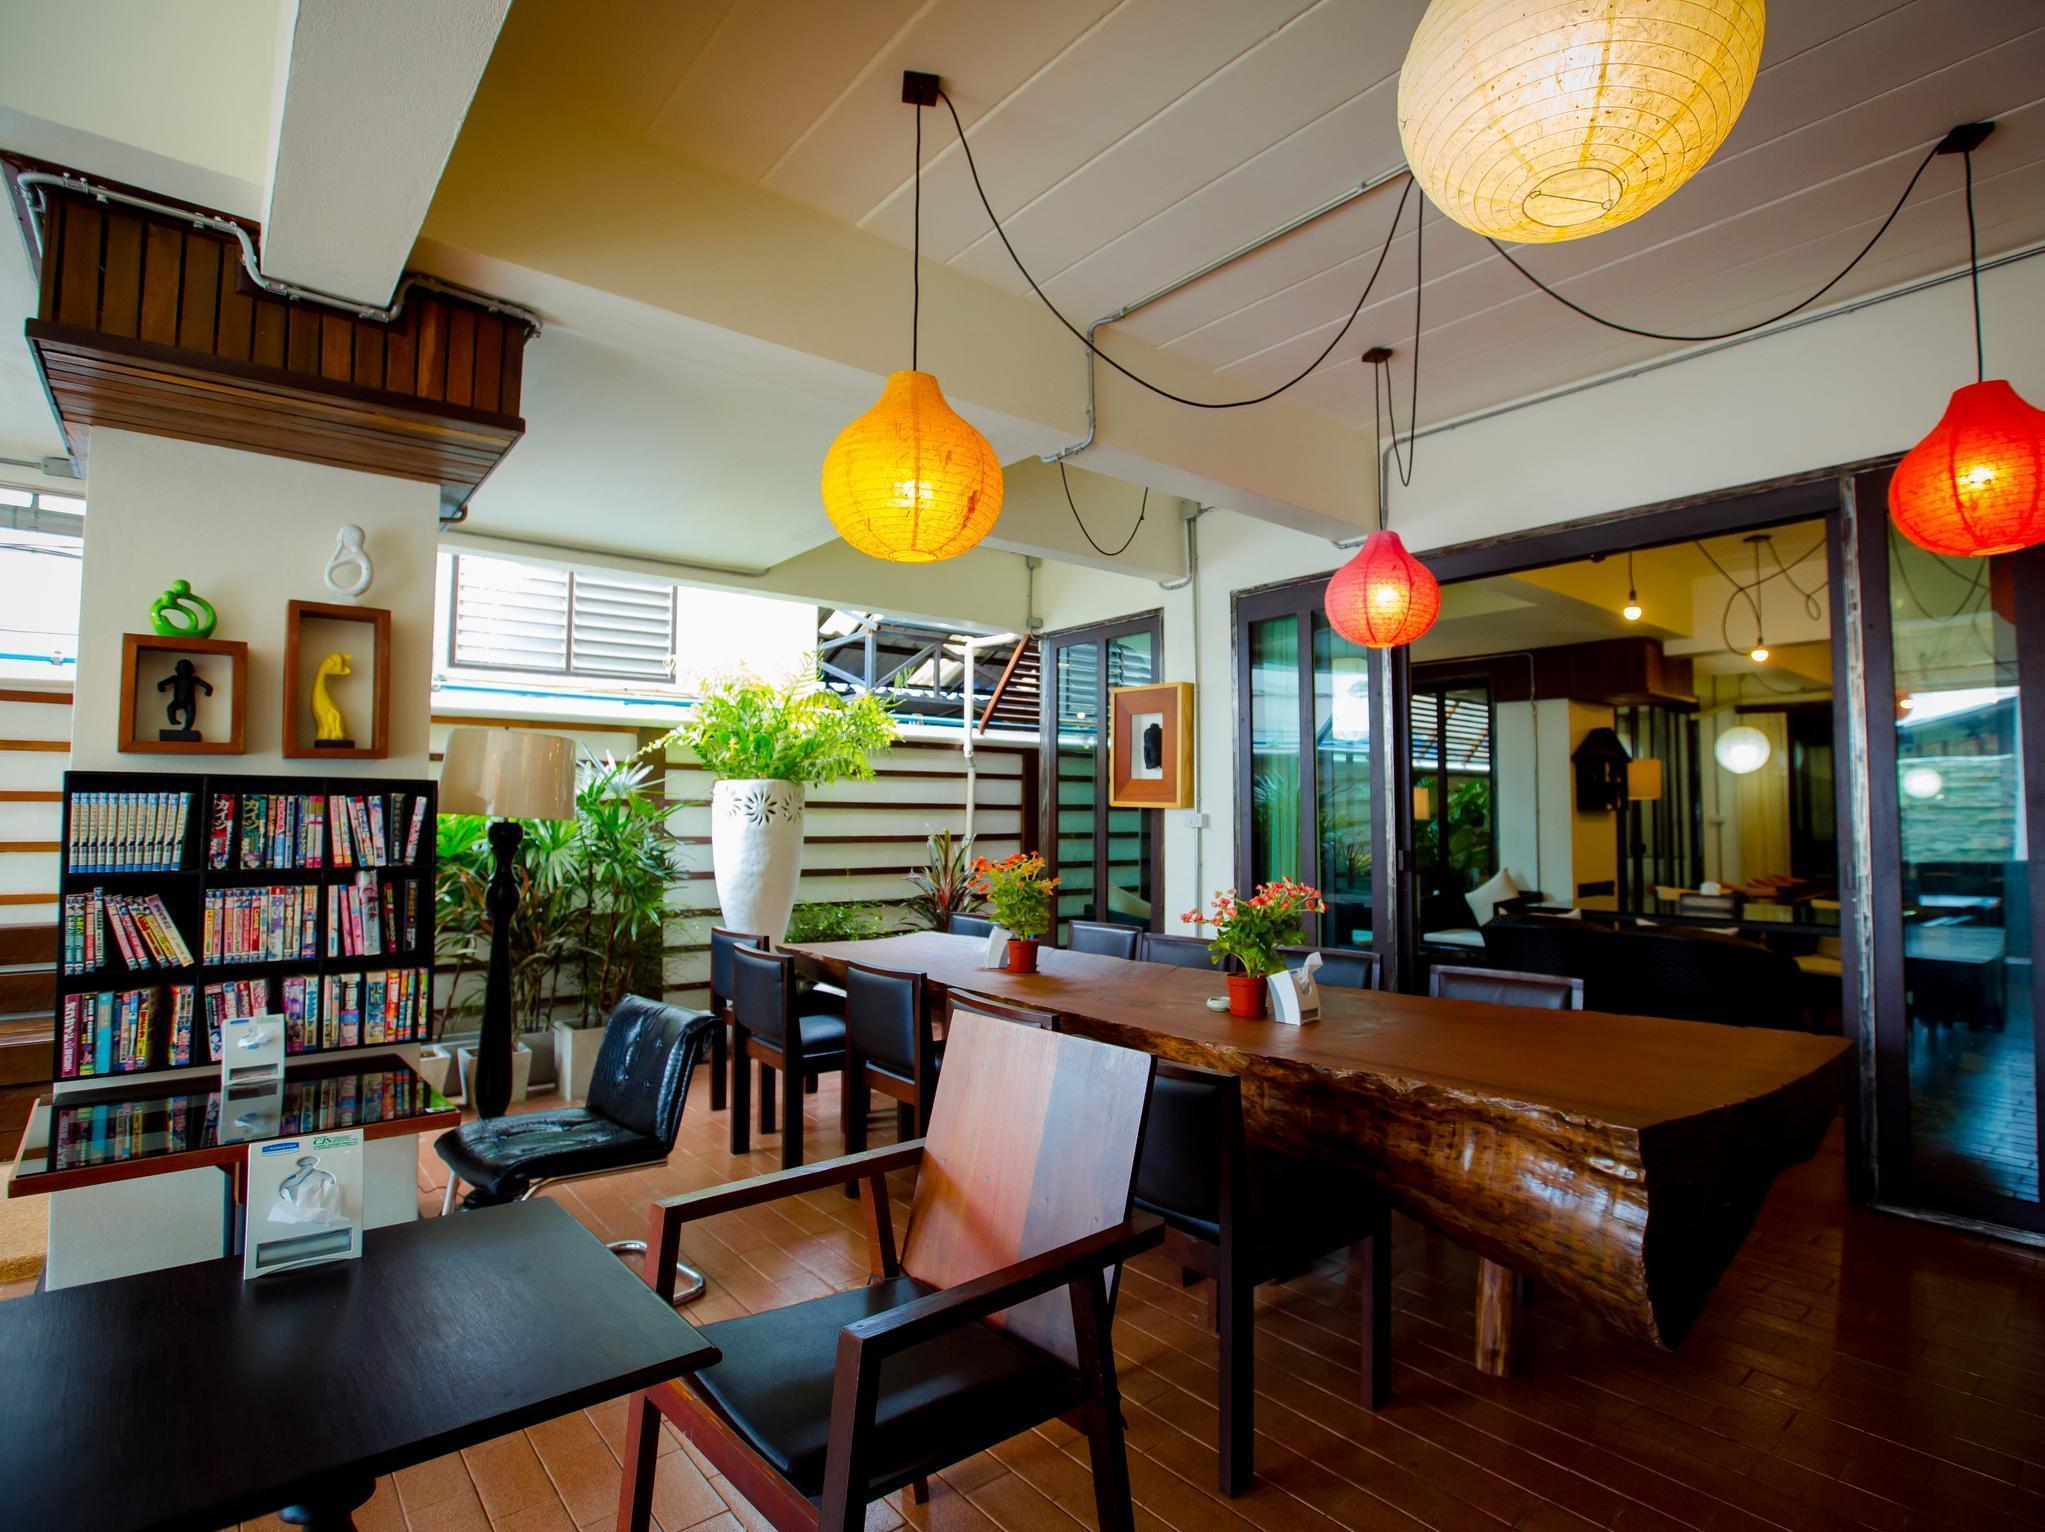 ส่วนลดสูงสุด 30% โรงแรมกำแพงงาม - เชียงใหม่ รีวิว Pantip